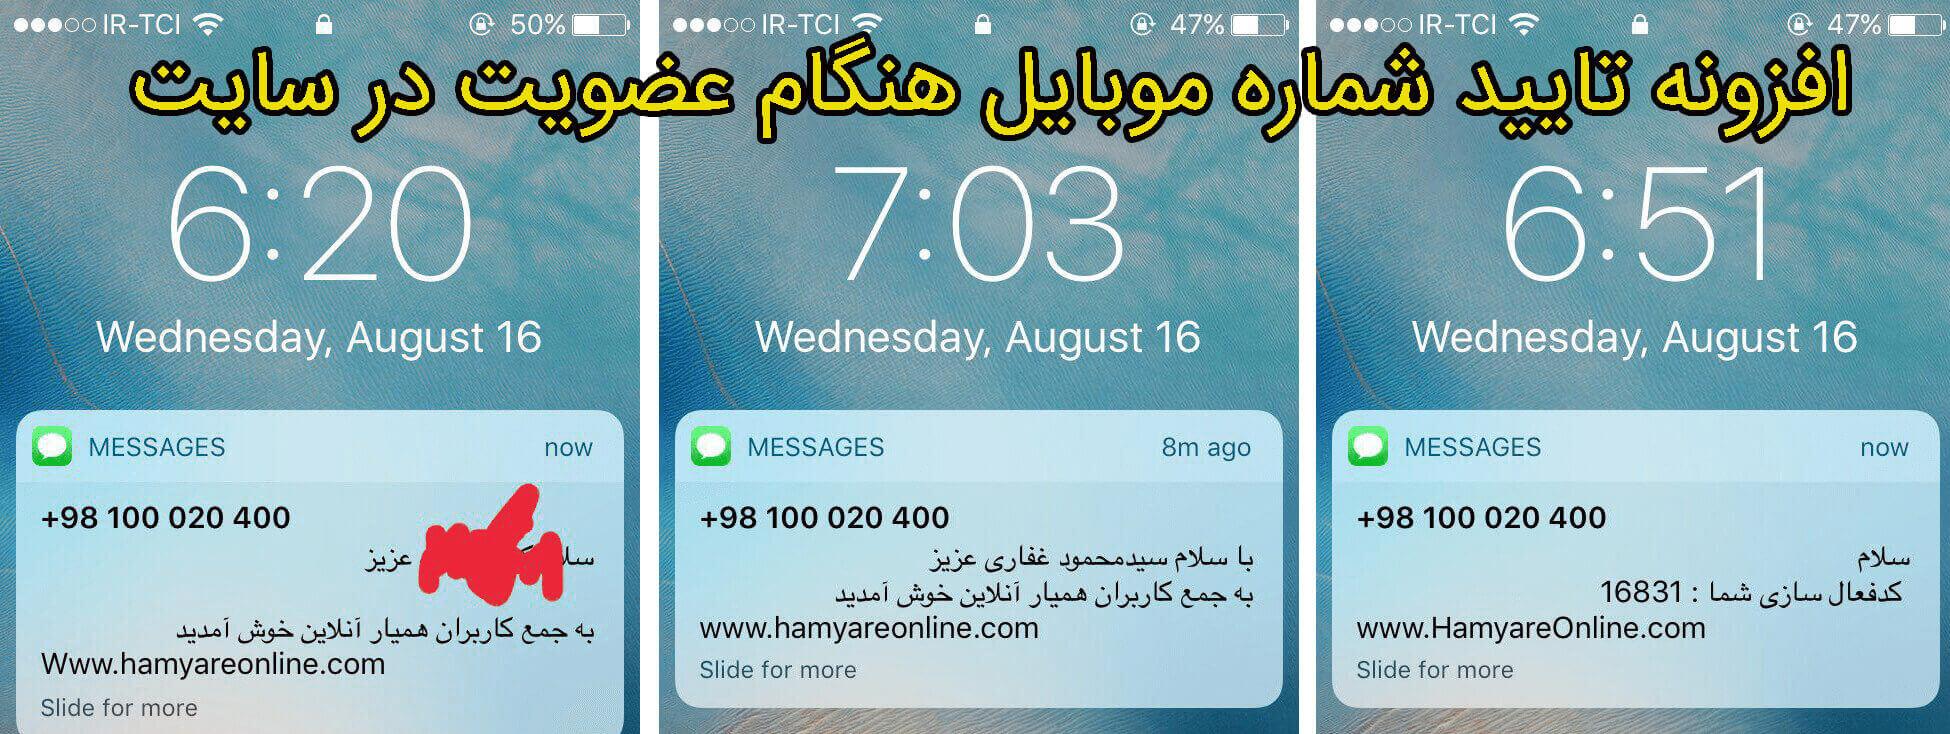 افزونه تایید شماره موبایل کاربران از طریق سامانه پیامکی